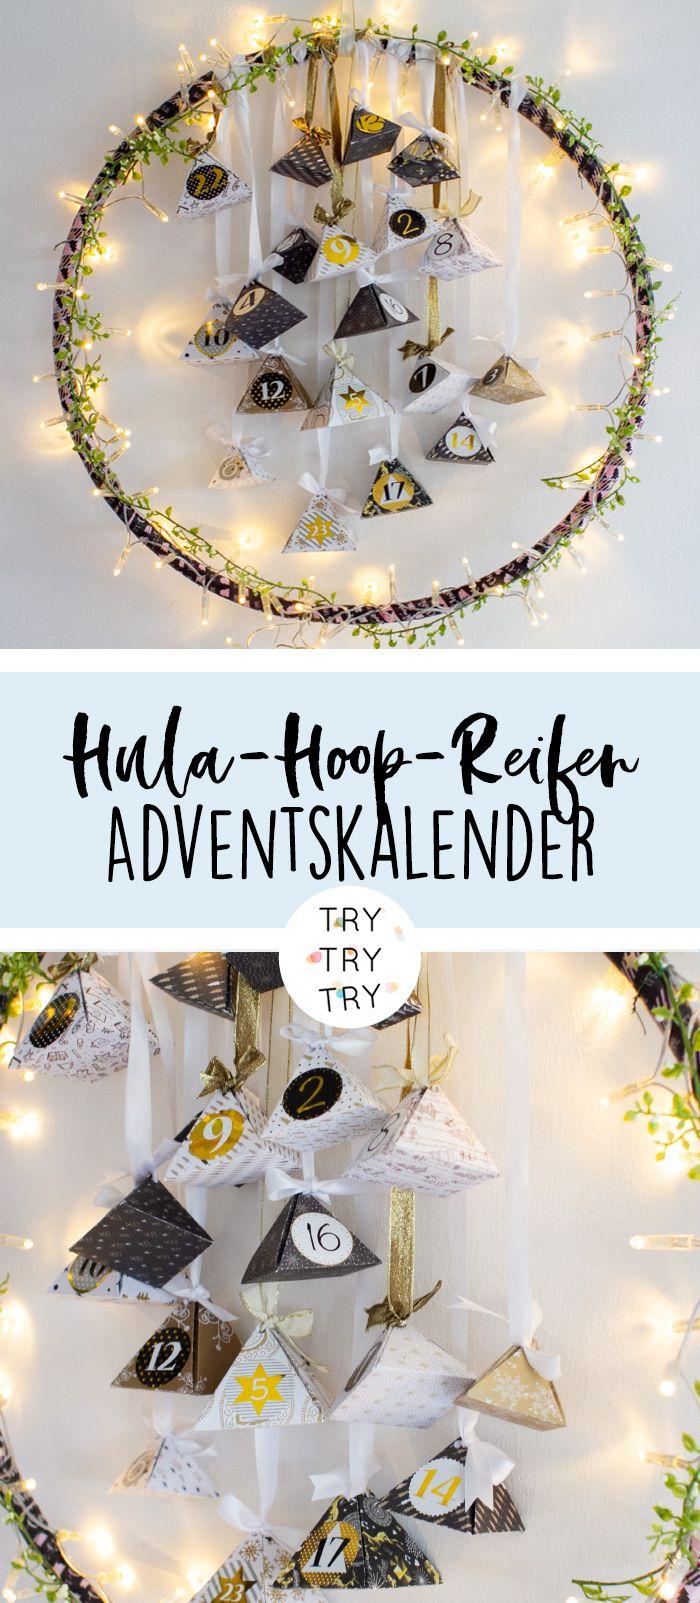 Hula-Hoop-Reifen Adventskalender // Adventskalende…